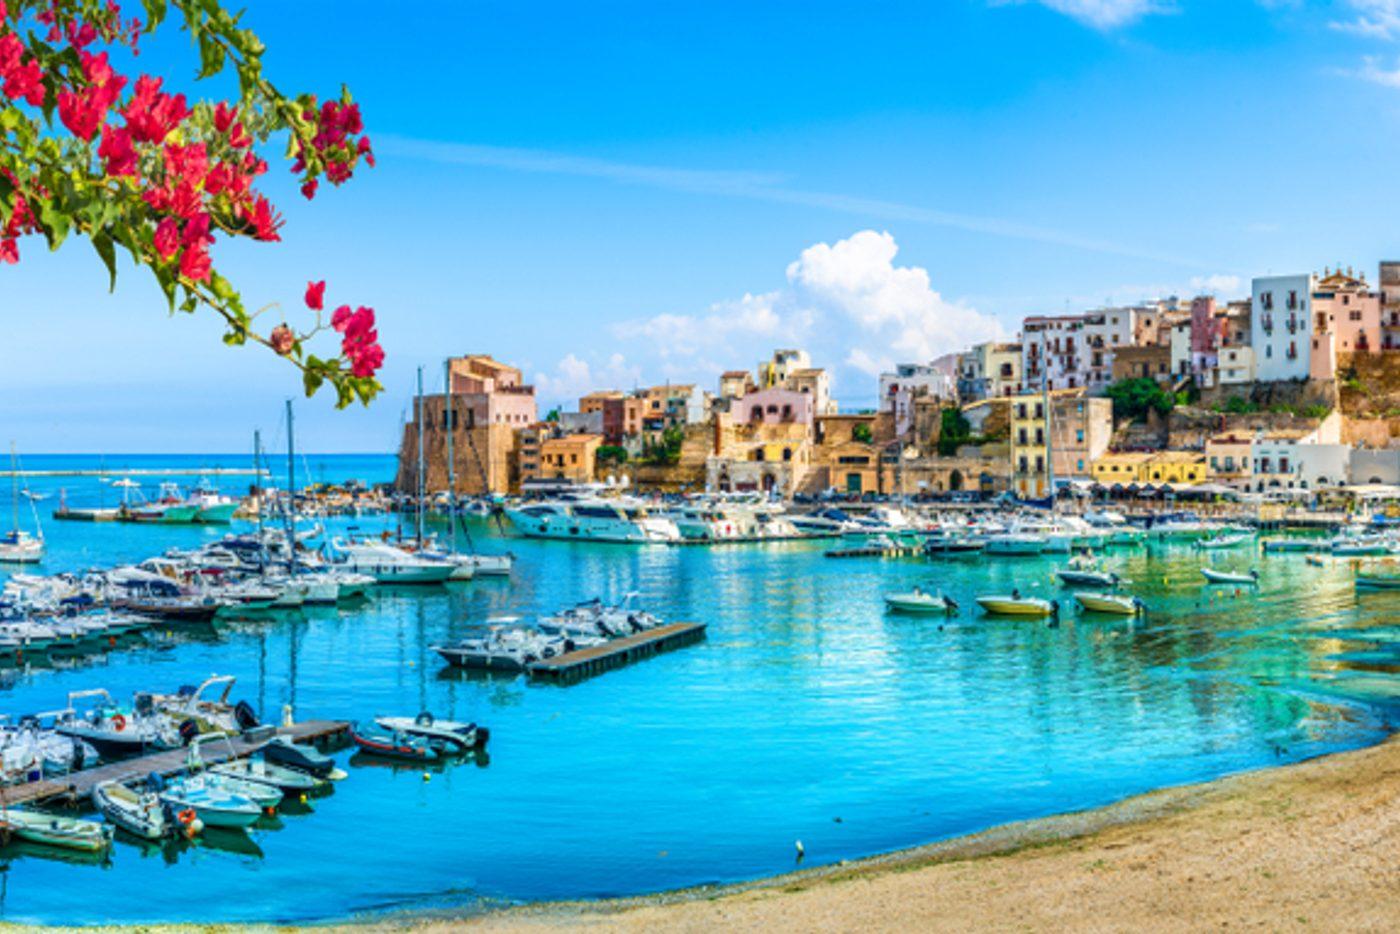 Photo Tour of Italy 41